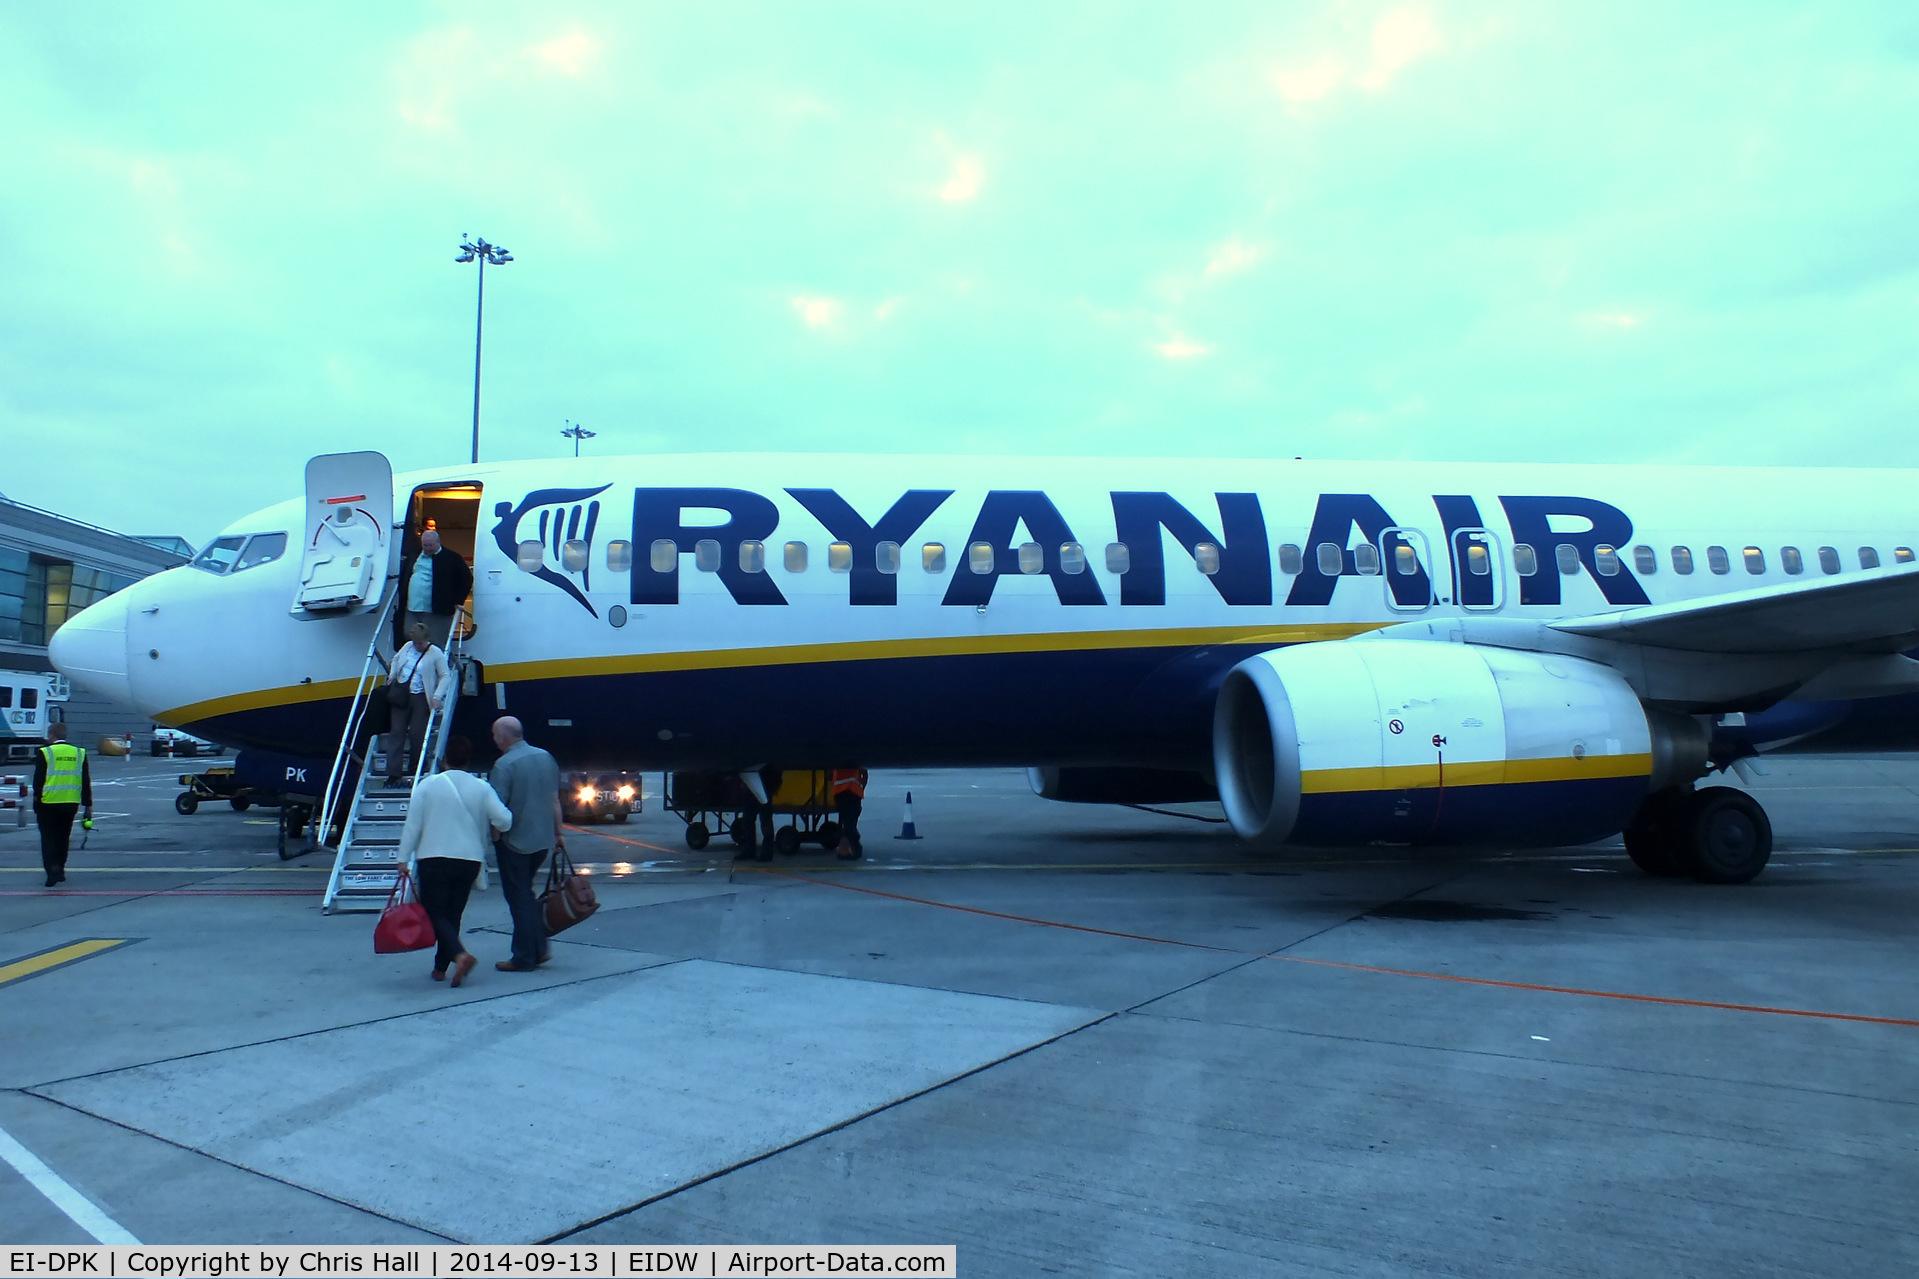 EI-DPK, 2007 Boeing 737-8AS C/N 33610, Ryanair